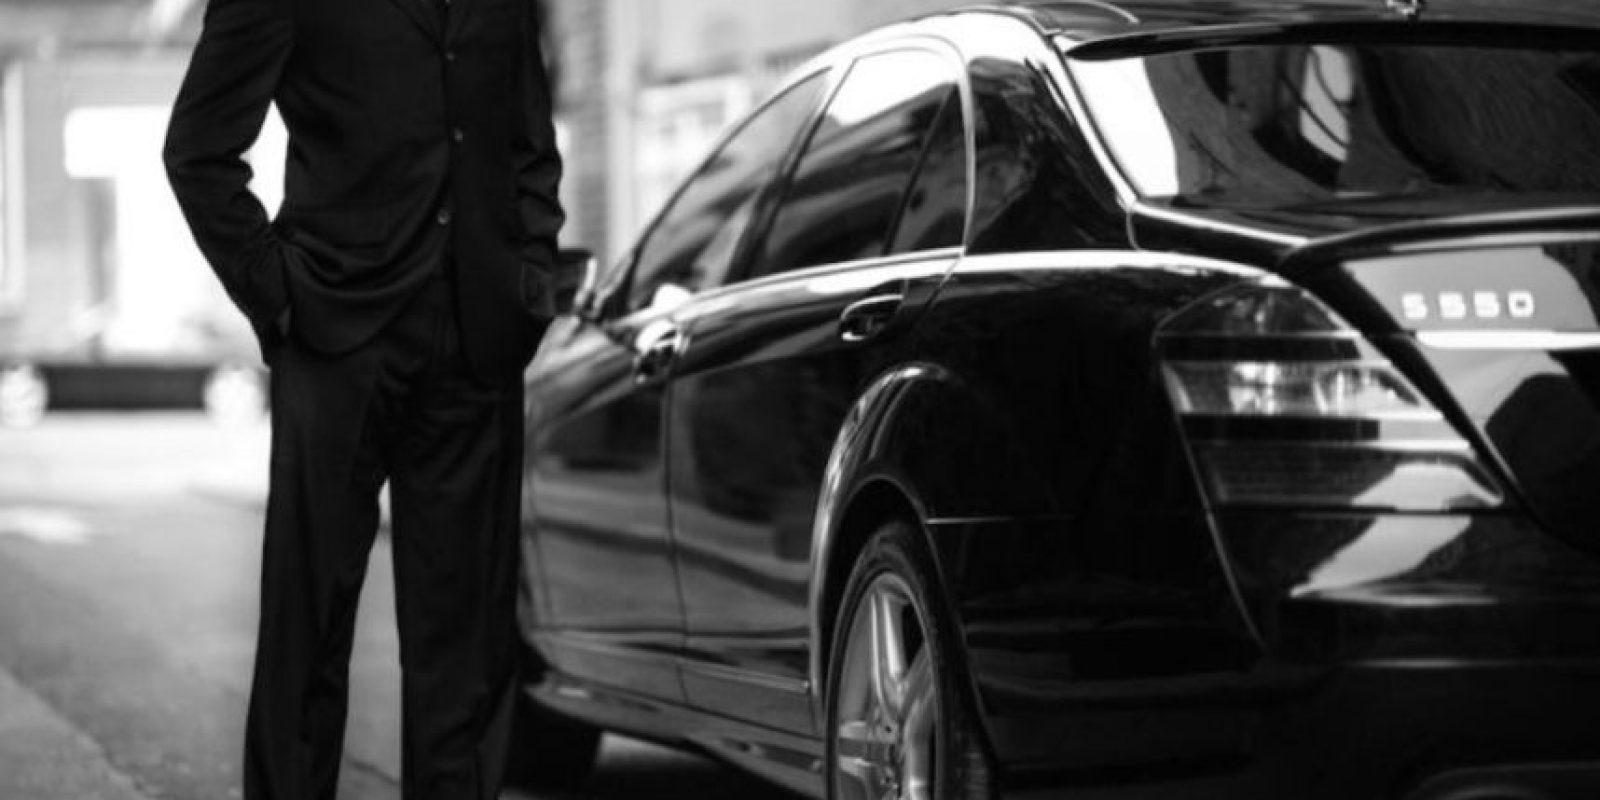 En marzo pasado, el conductor, el automóvil y el pasajero de un Uber fueron agredidos en Ciudad de México por presuntos taxistas. Foto:Uber